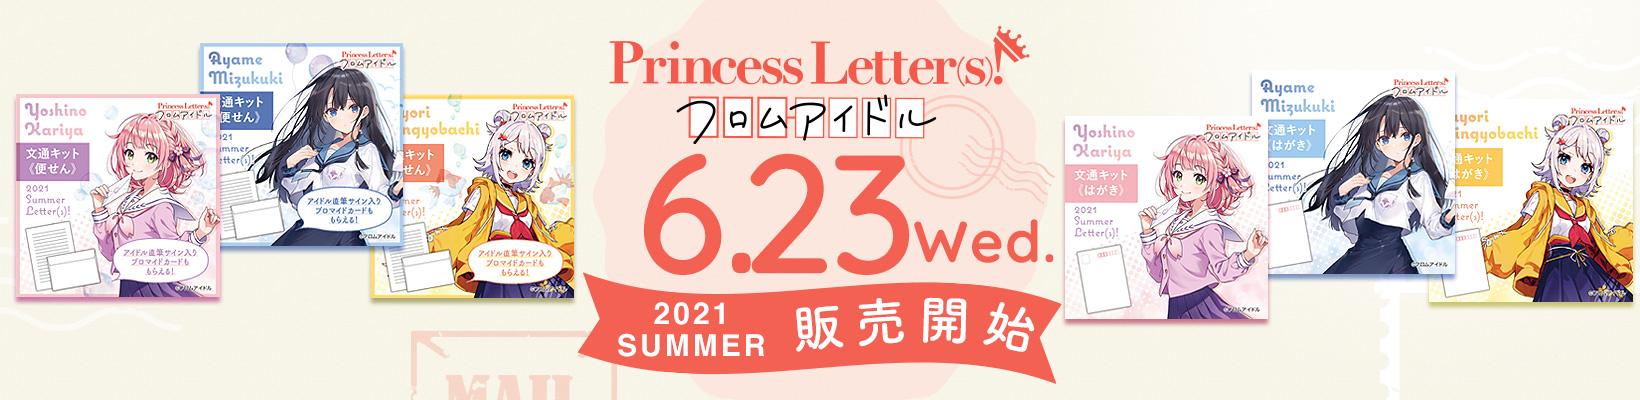 Princess Letter(s)!フロムアイドル 6.23wed. 販売開始!